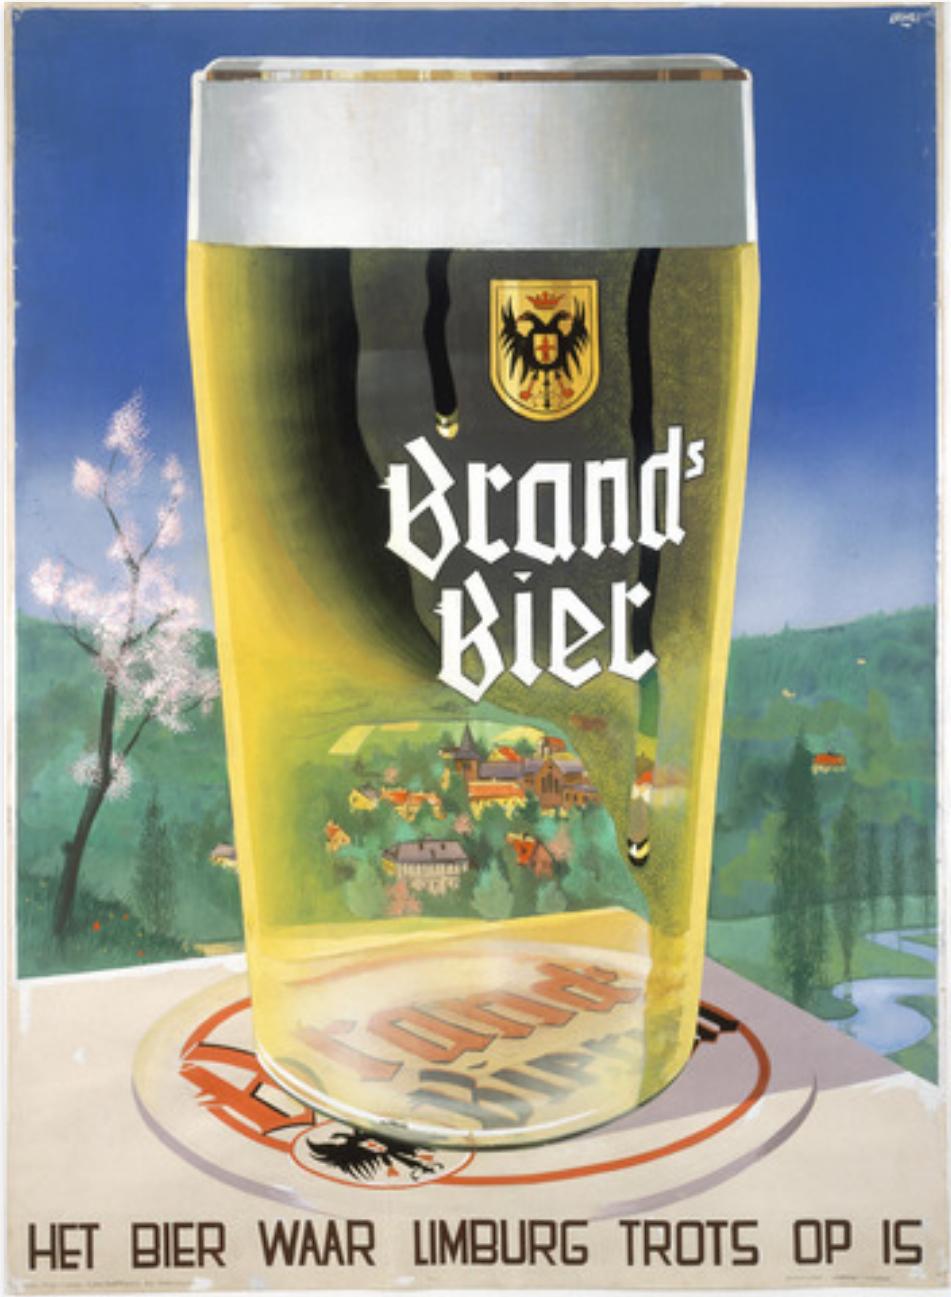 Brands-bier-1950s